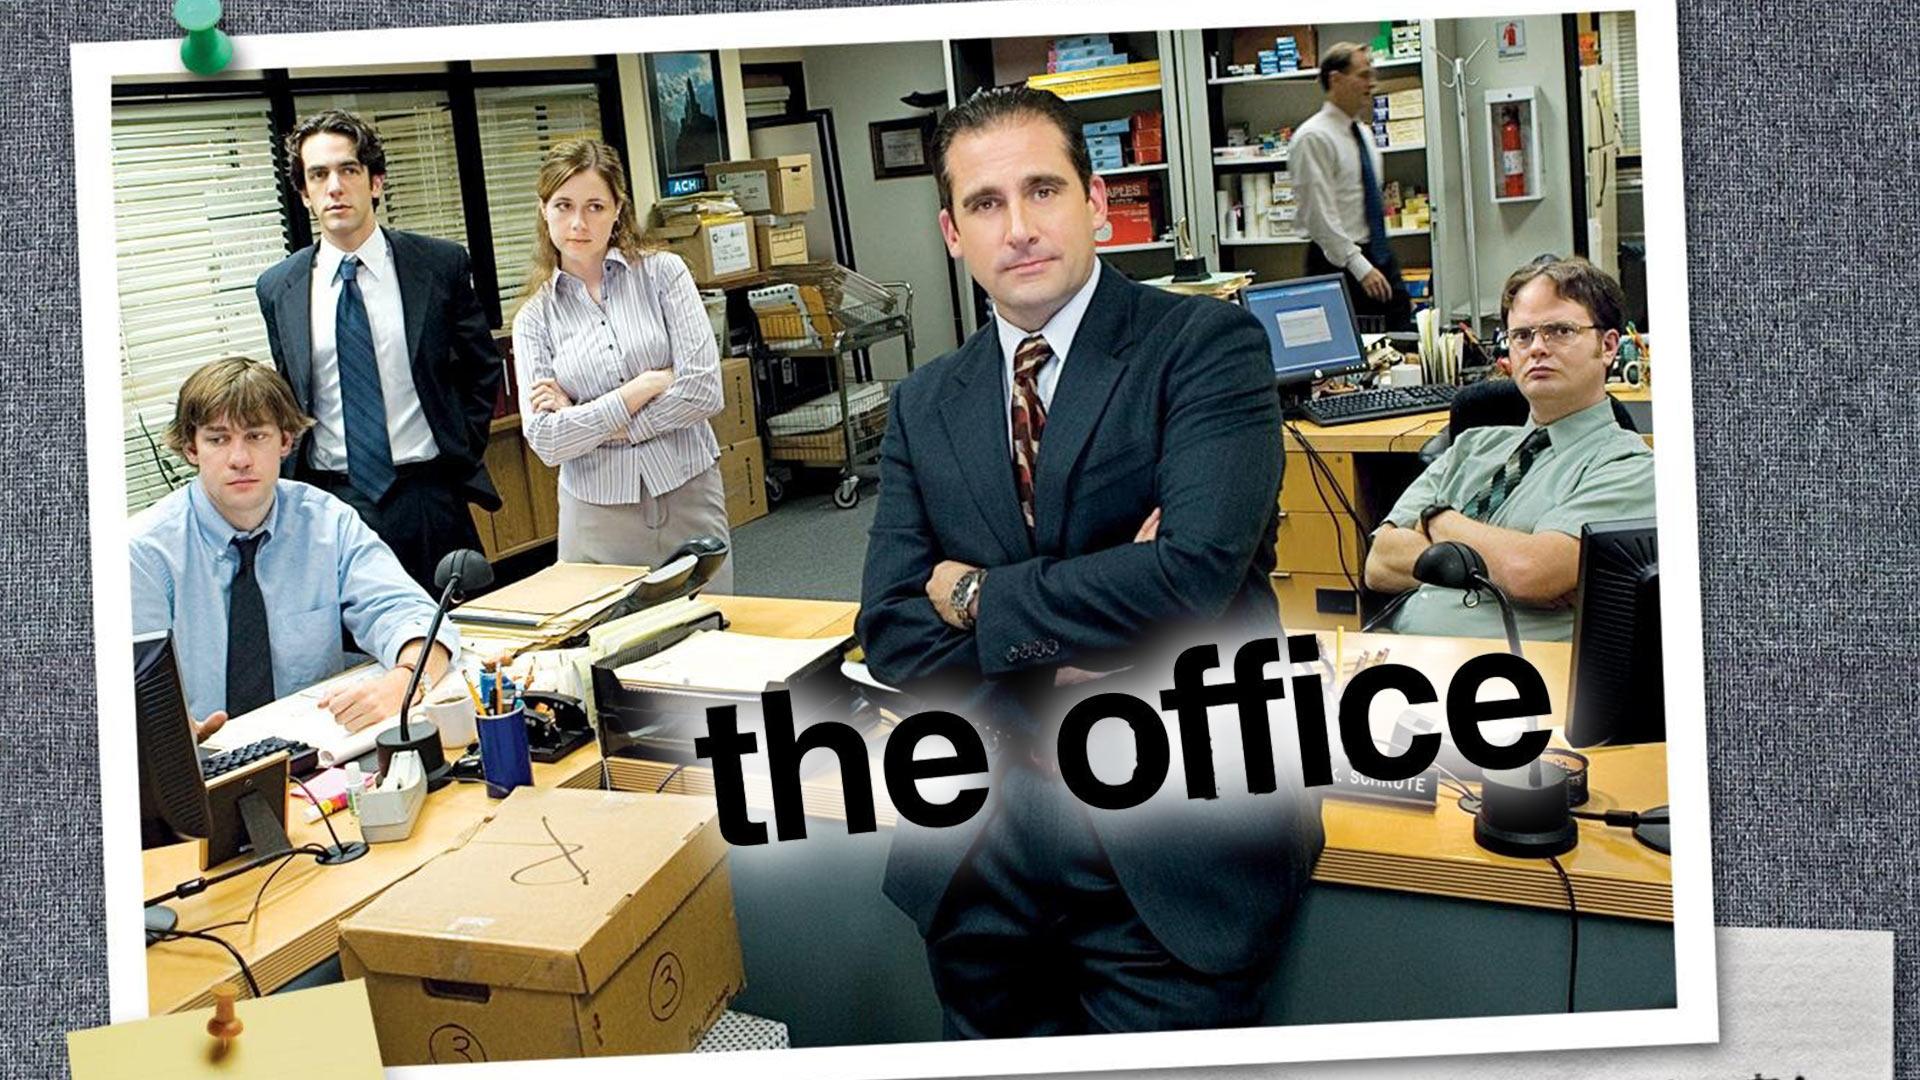 The Office Season 1